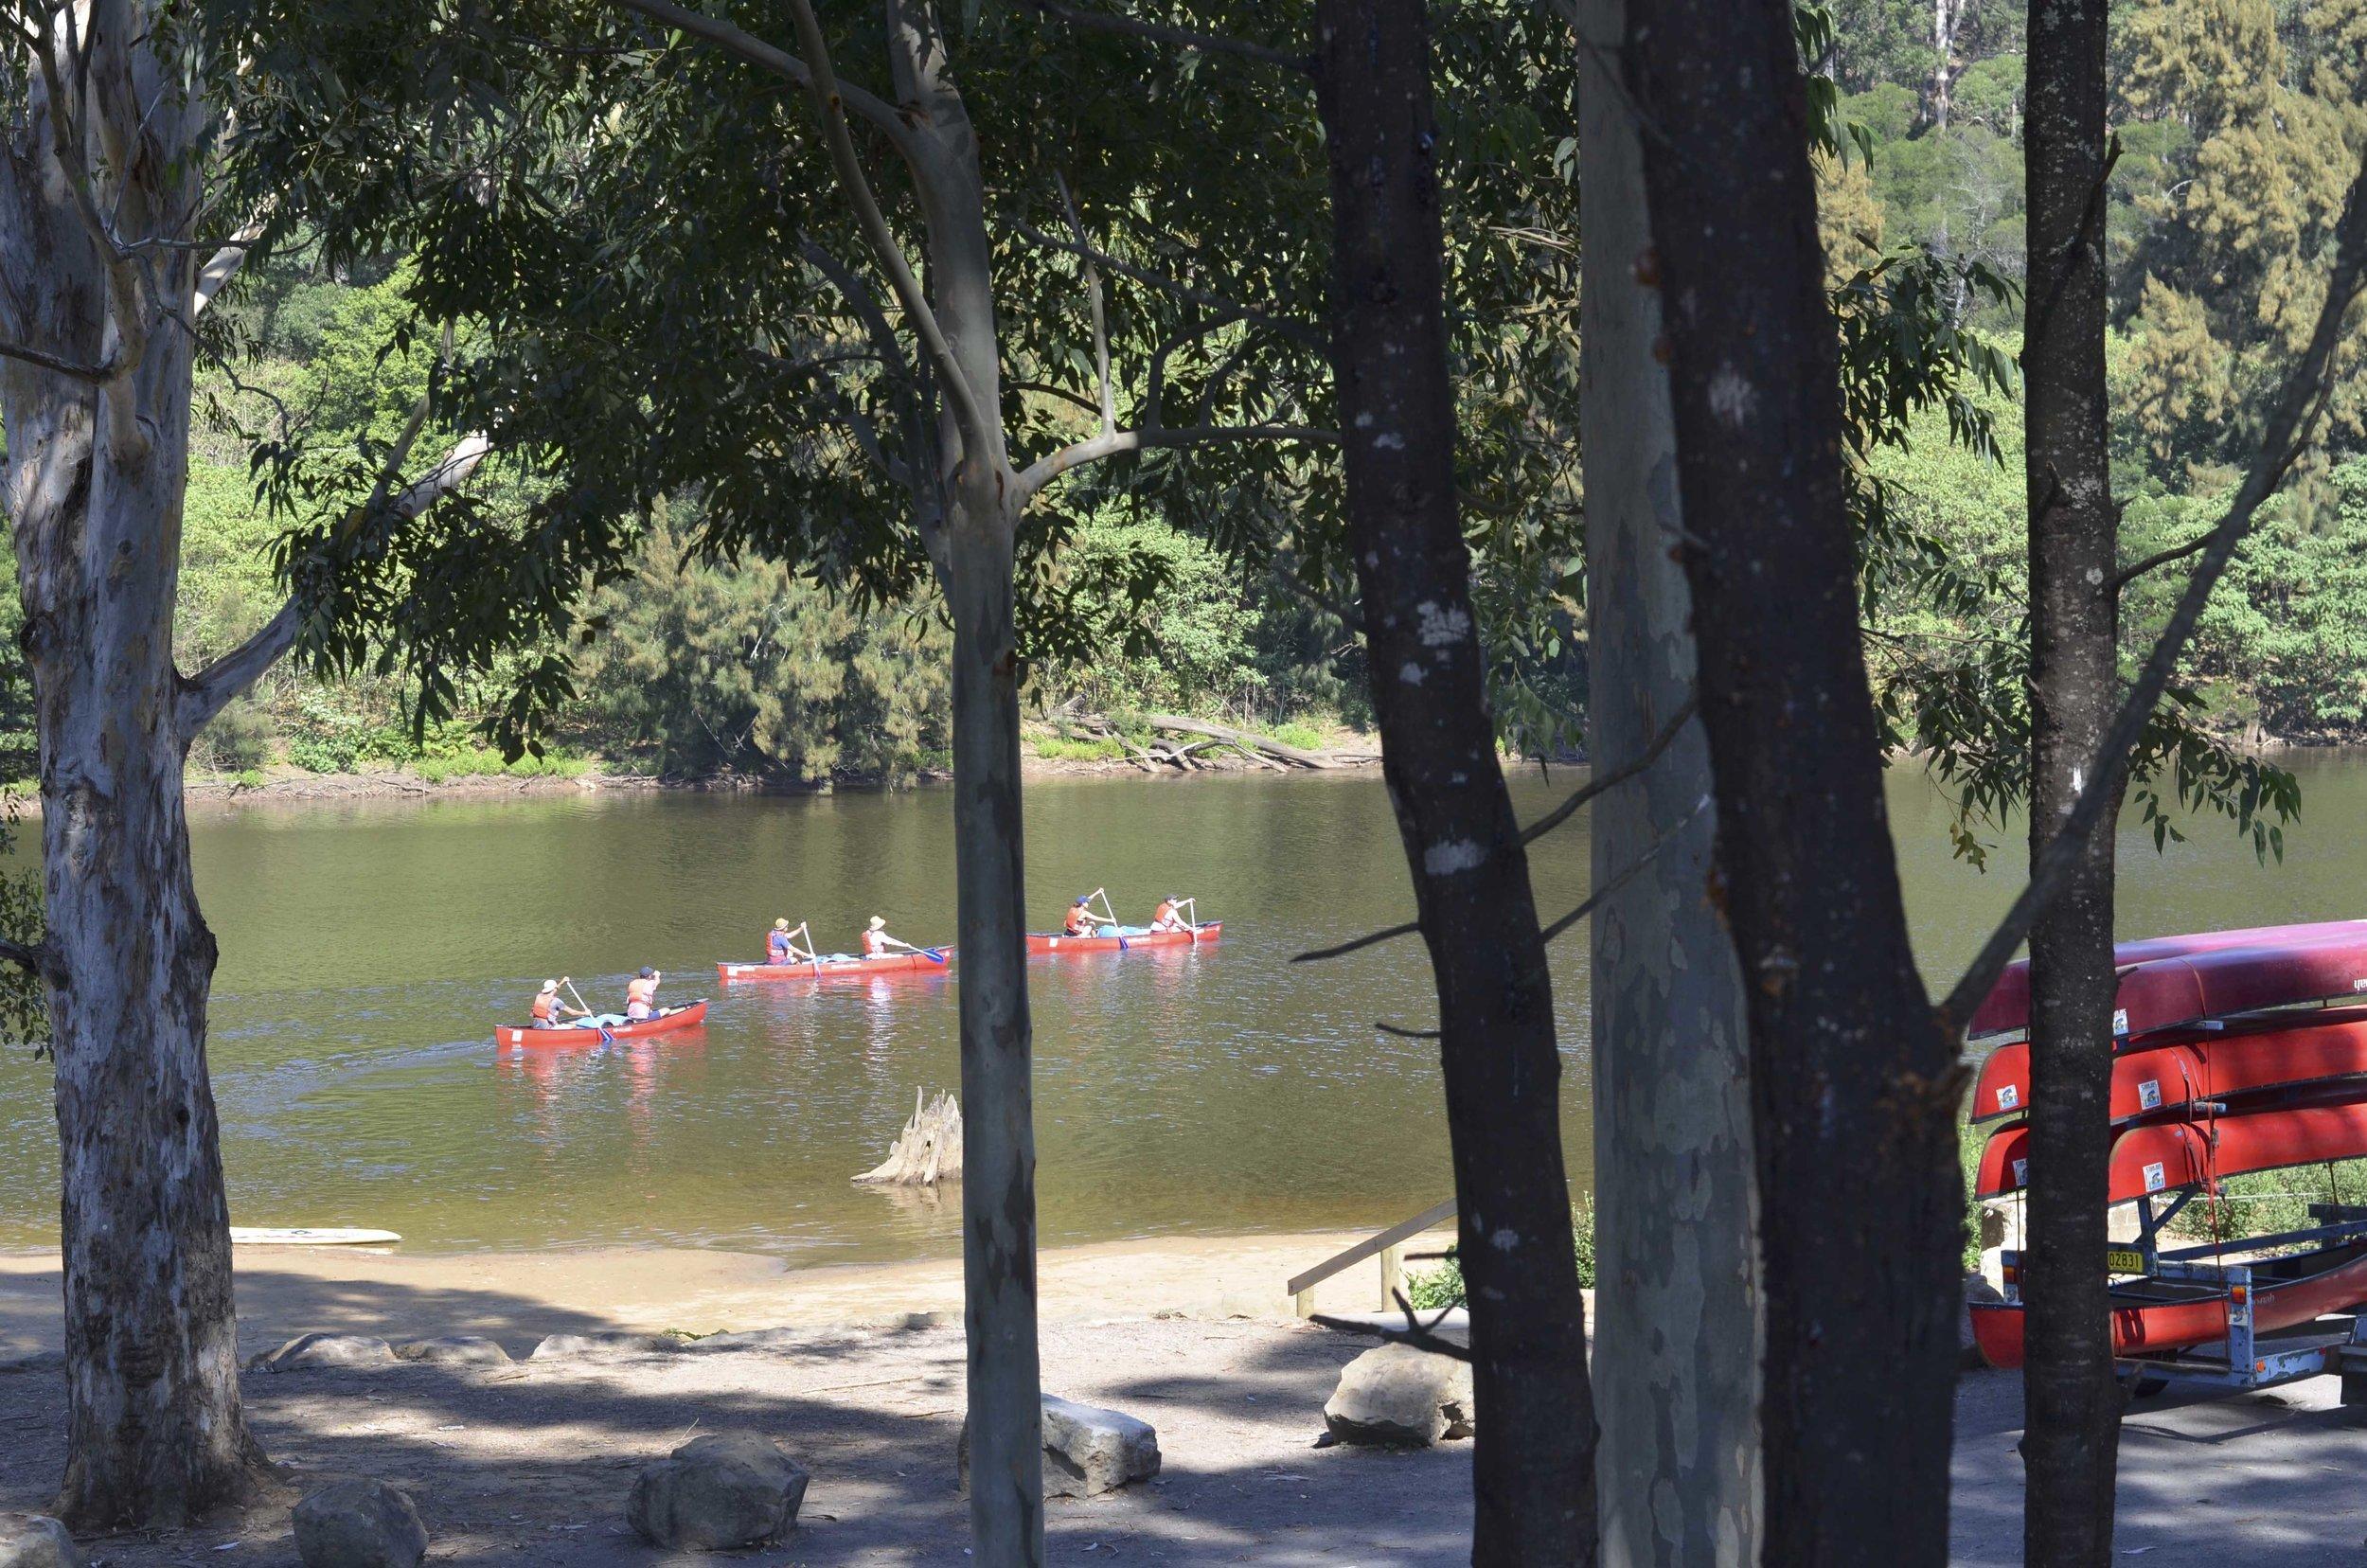 On the Kangaroo river